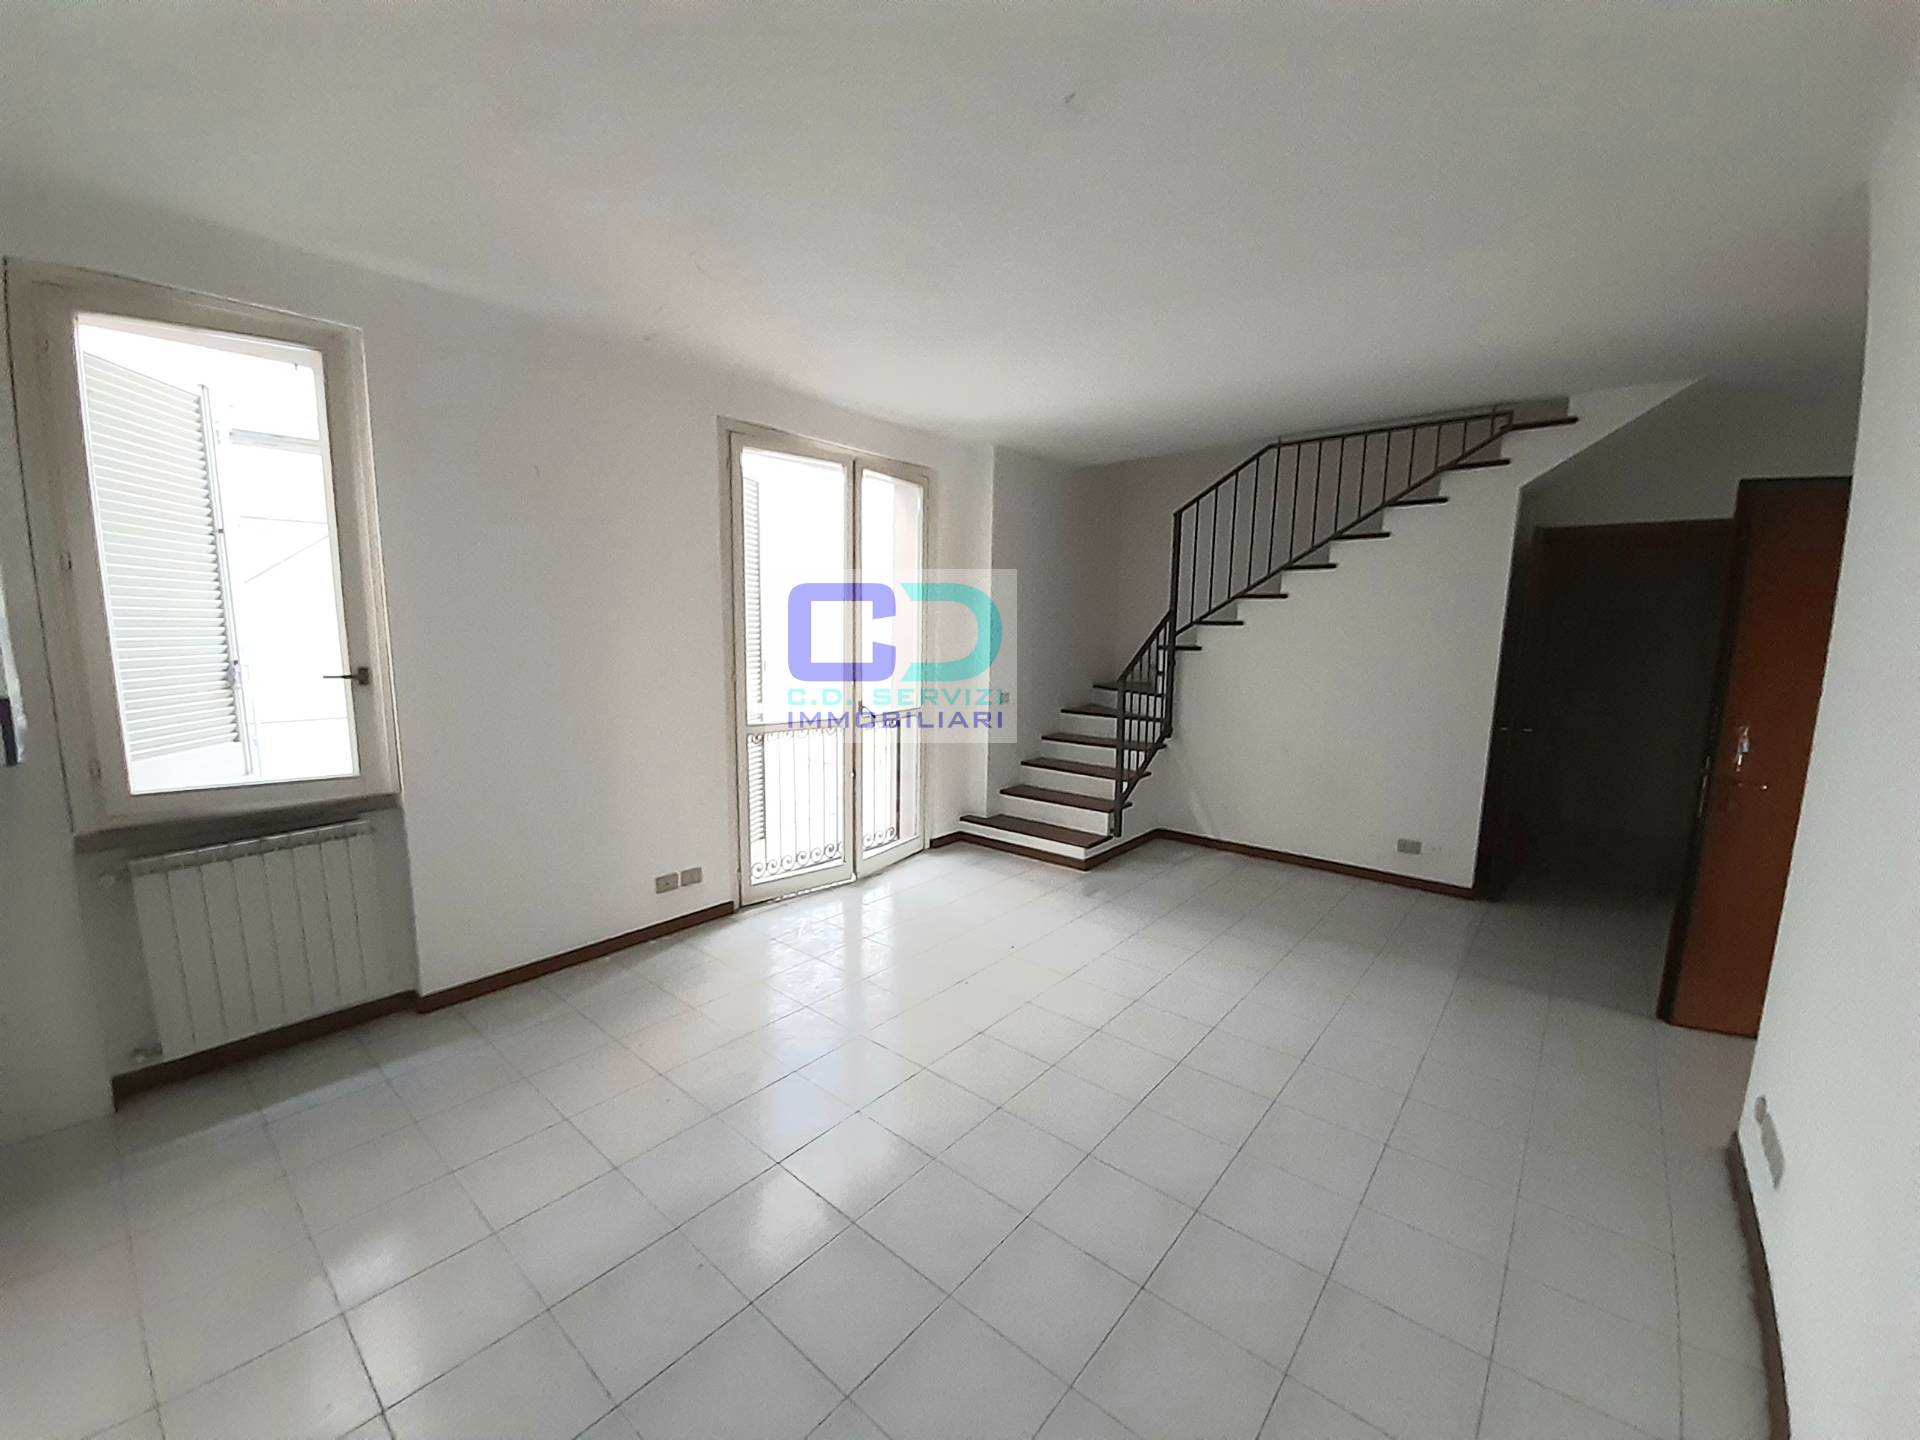 Appartamento in vendita a Cassano d'Adda, 3 locali, prezzo € 109.000 | CambioCasa.it